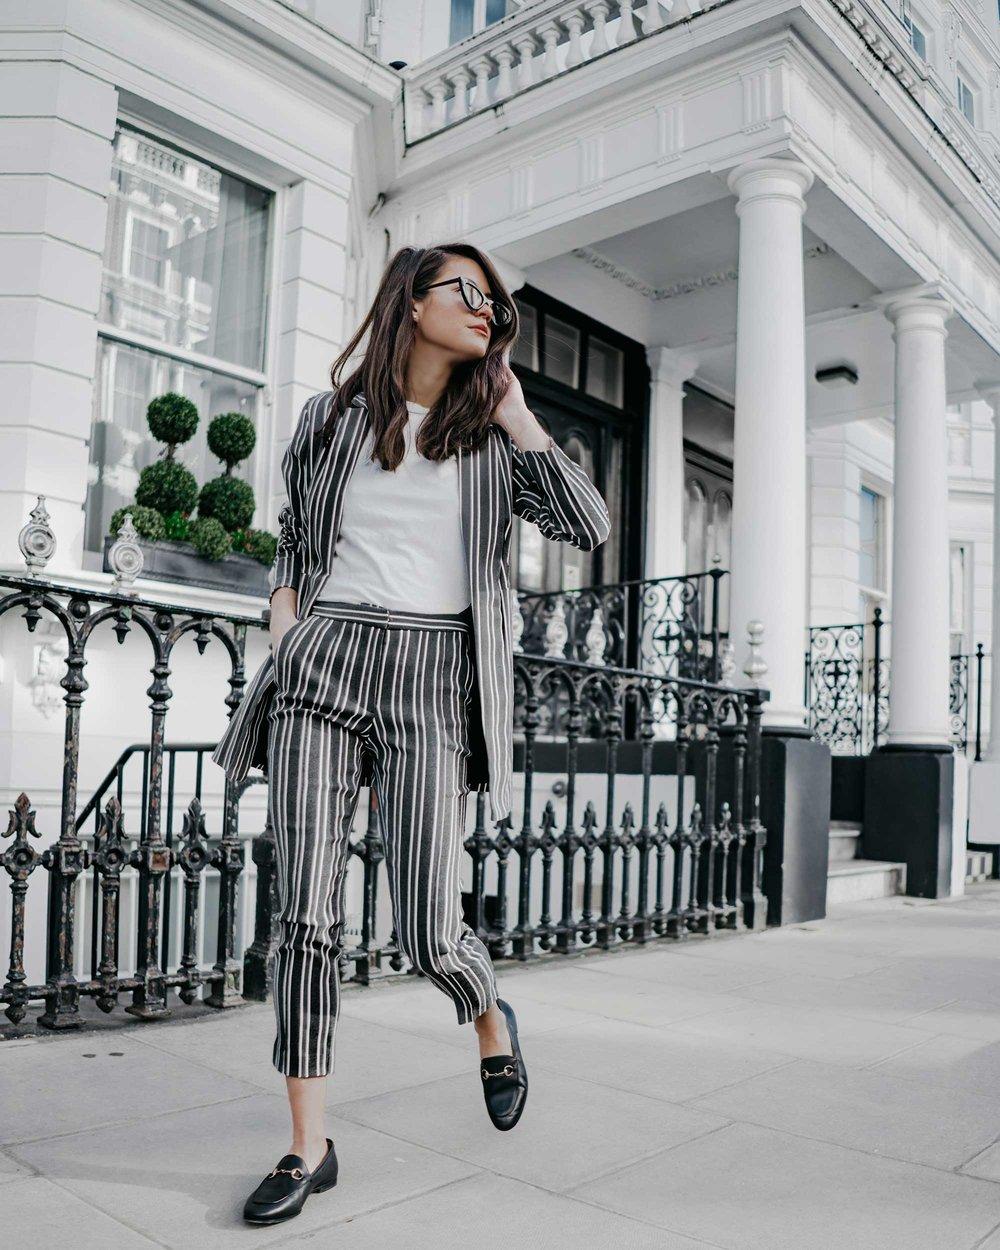 BCBG-Boyfriend-inspired-Striped-Open-Front-Blazer-and-Striped-Crop-Trouser-9.jpg